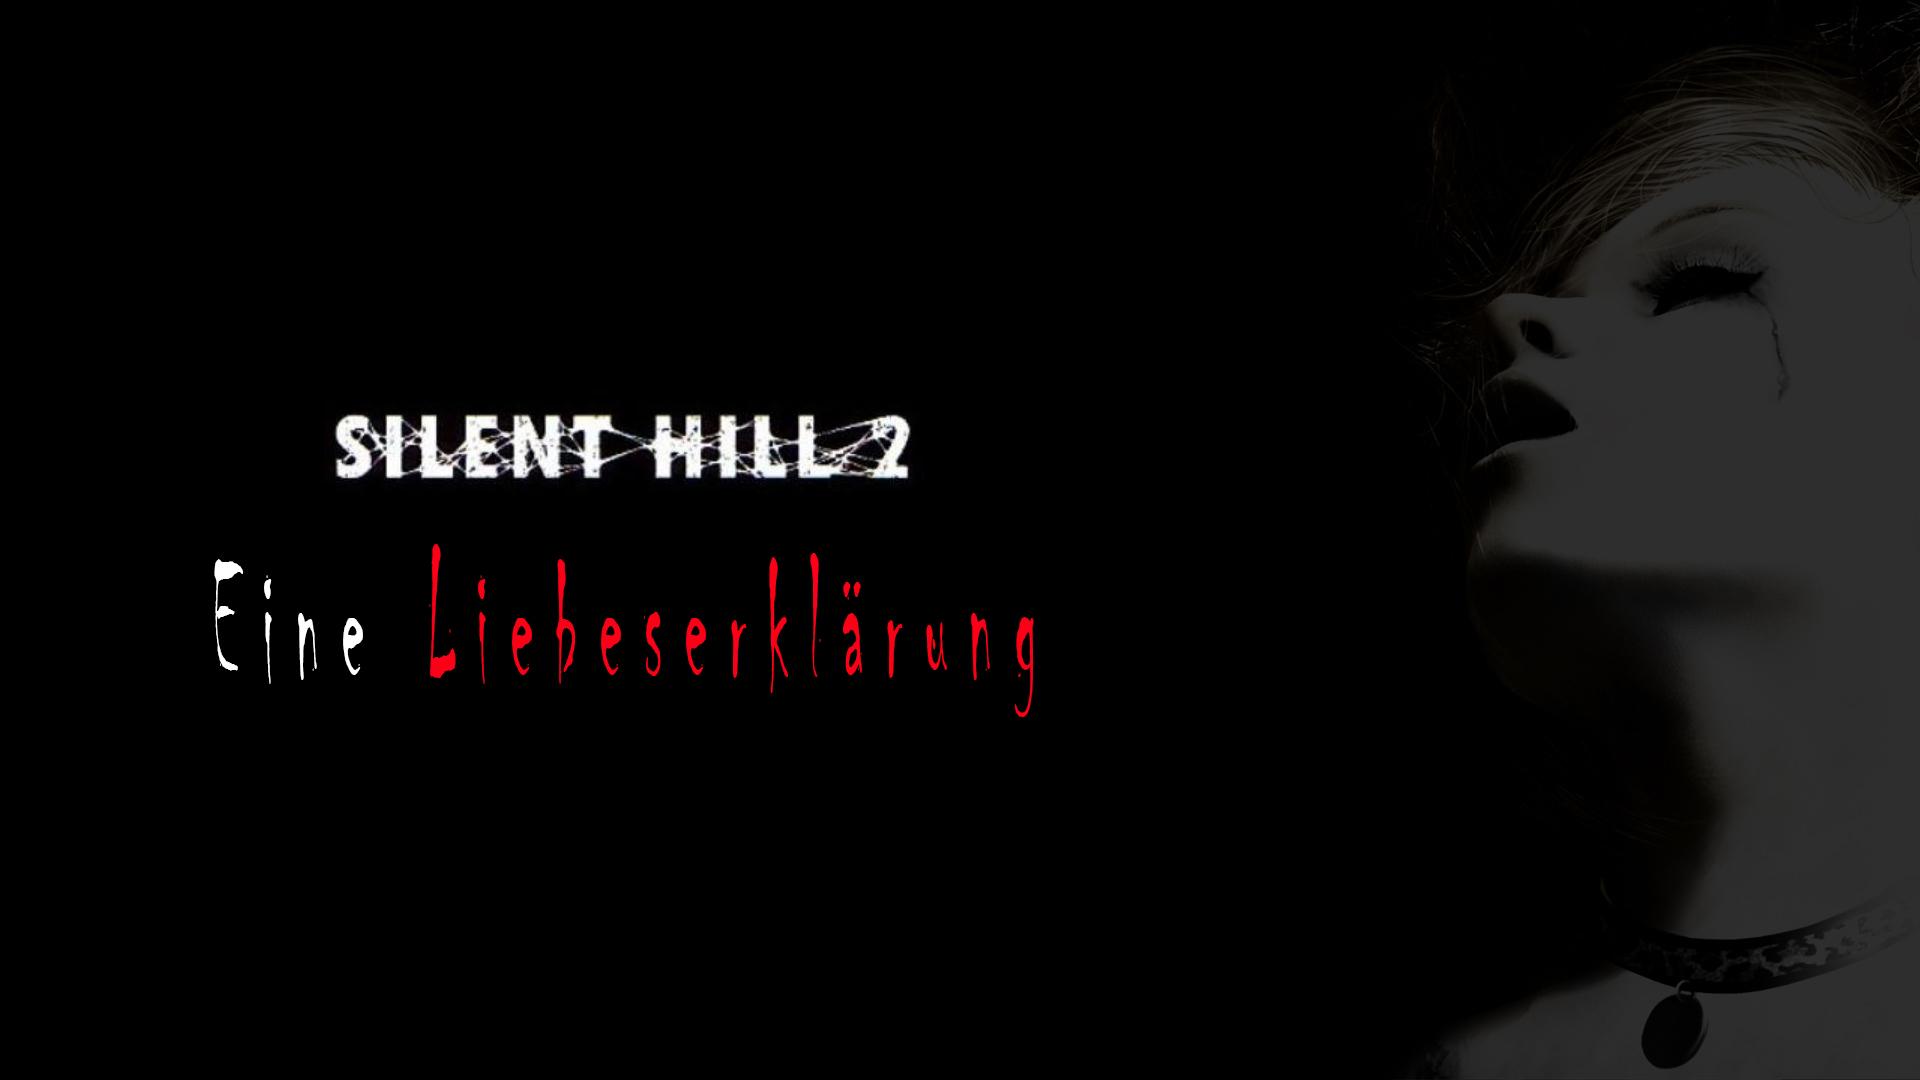 Silent Hill 2: Eine Liebeserklärung